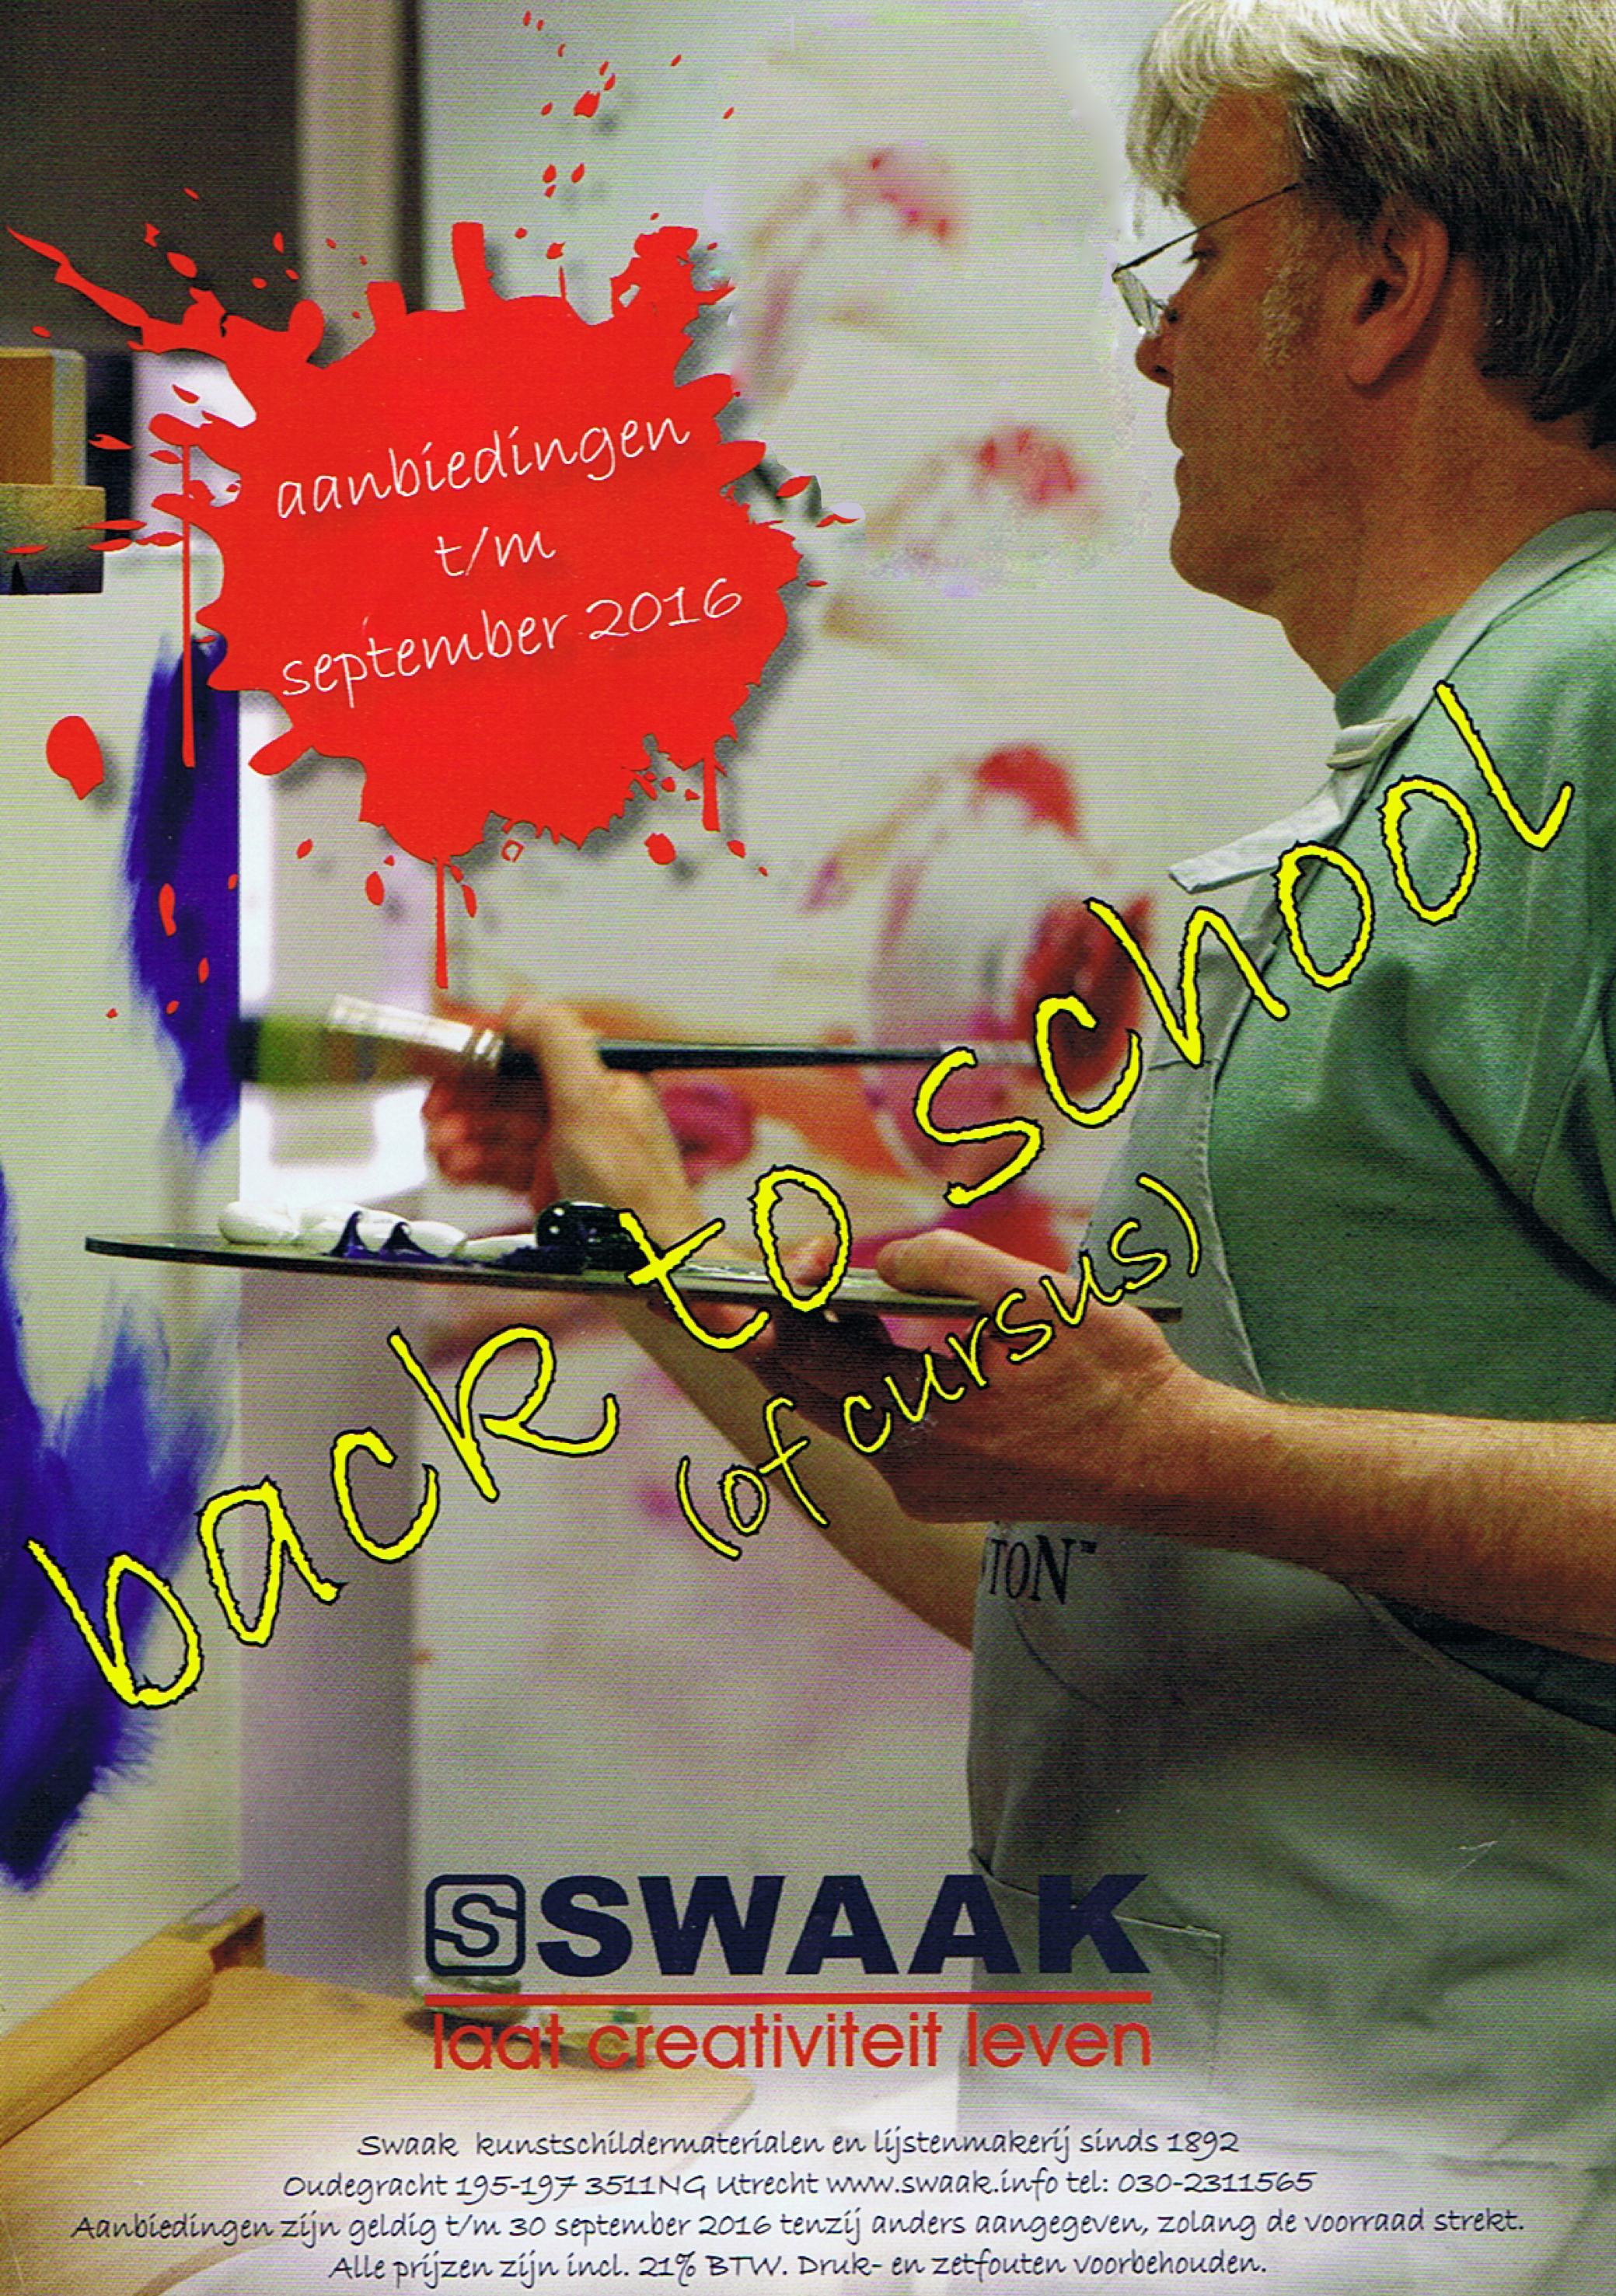 Swaak coverfoto aanbiedingskrant_edited-1